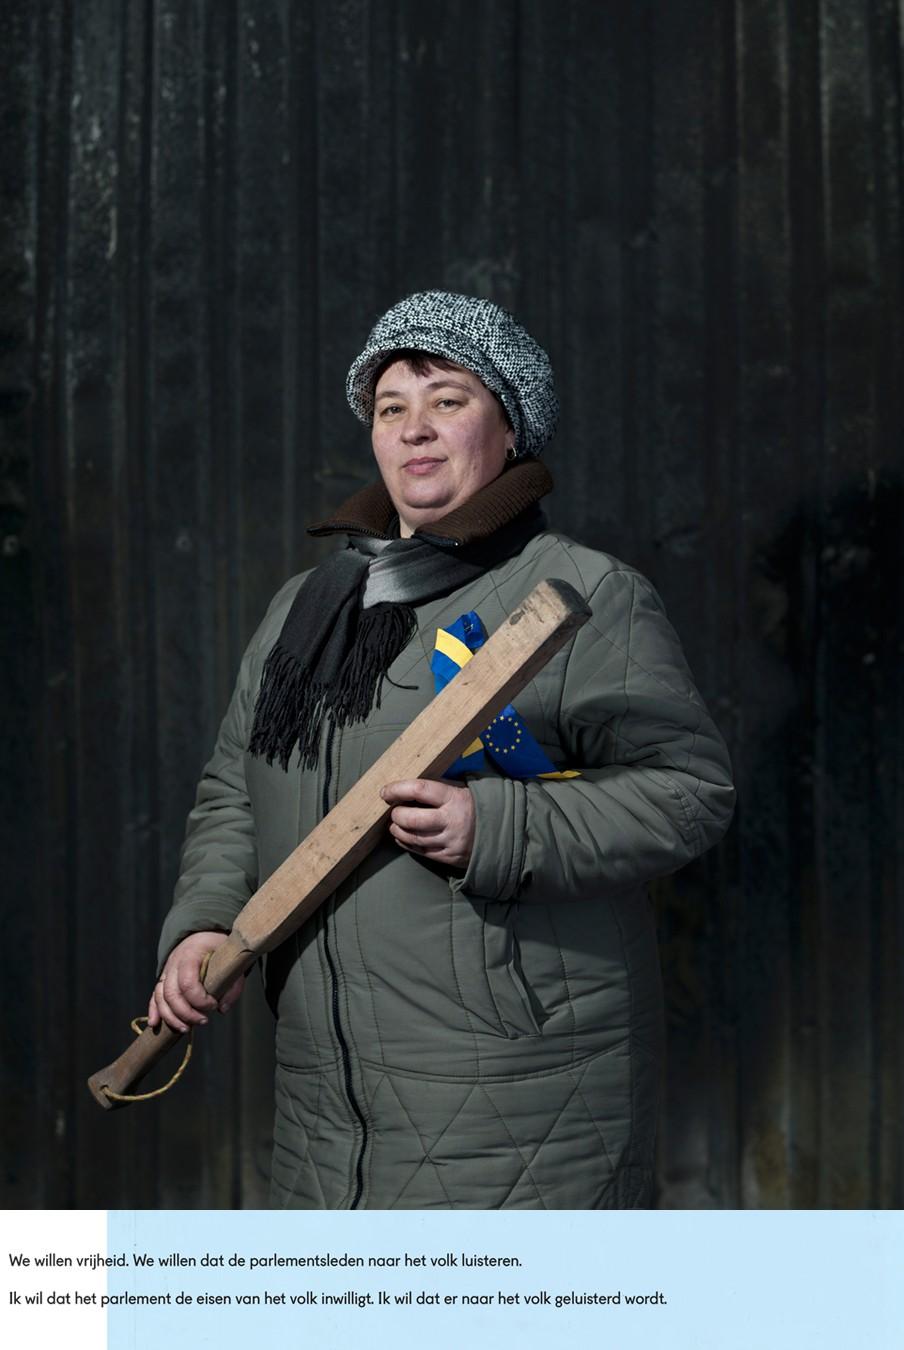 Olga Shevchyshyn. Kiev, februari 2014. En haar antwoorden op de vragen: Wat zou je willen dat er nu gebeurt? Wat denk je dat er gaat gebeuren? Foto: Emeric Lhuisset